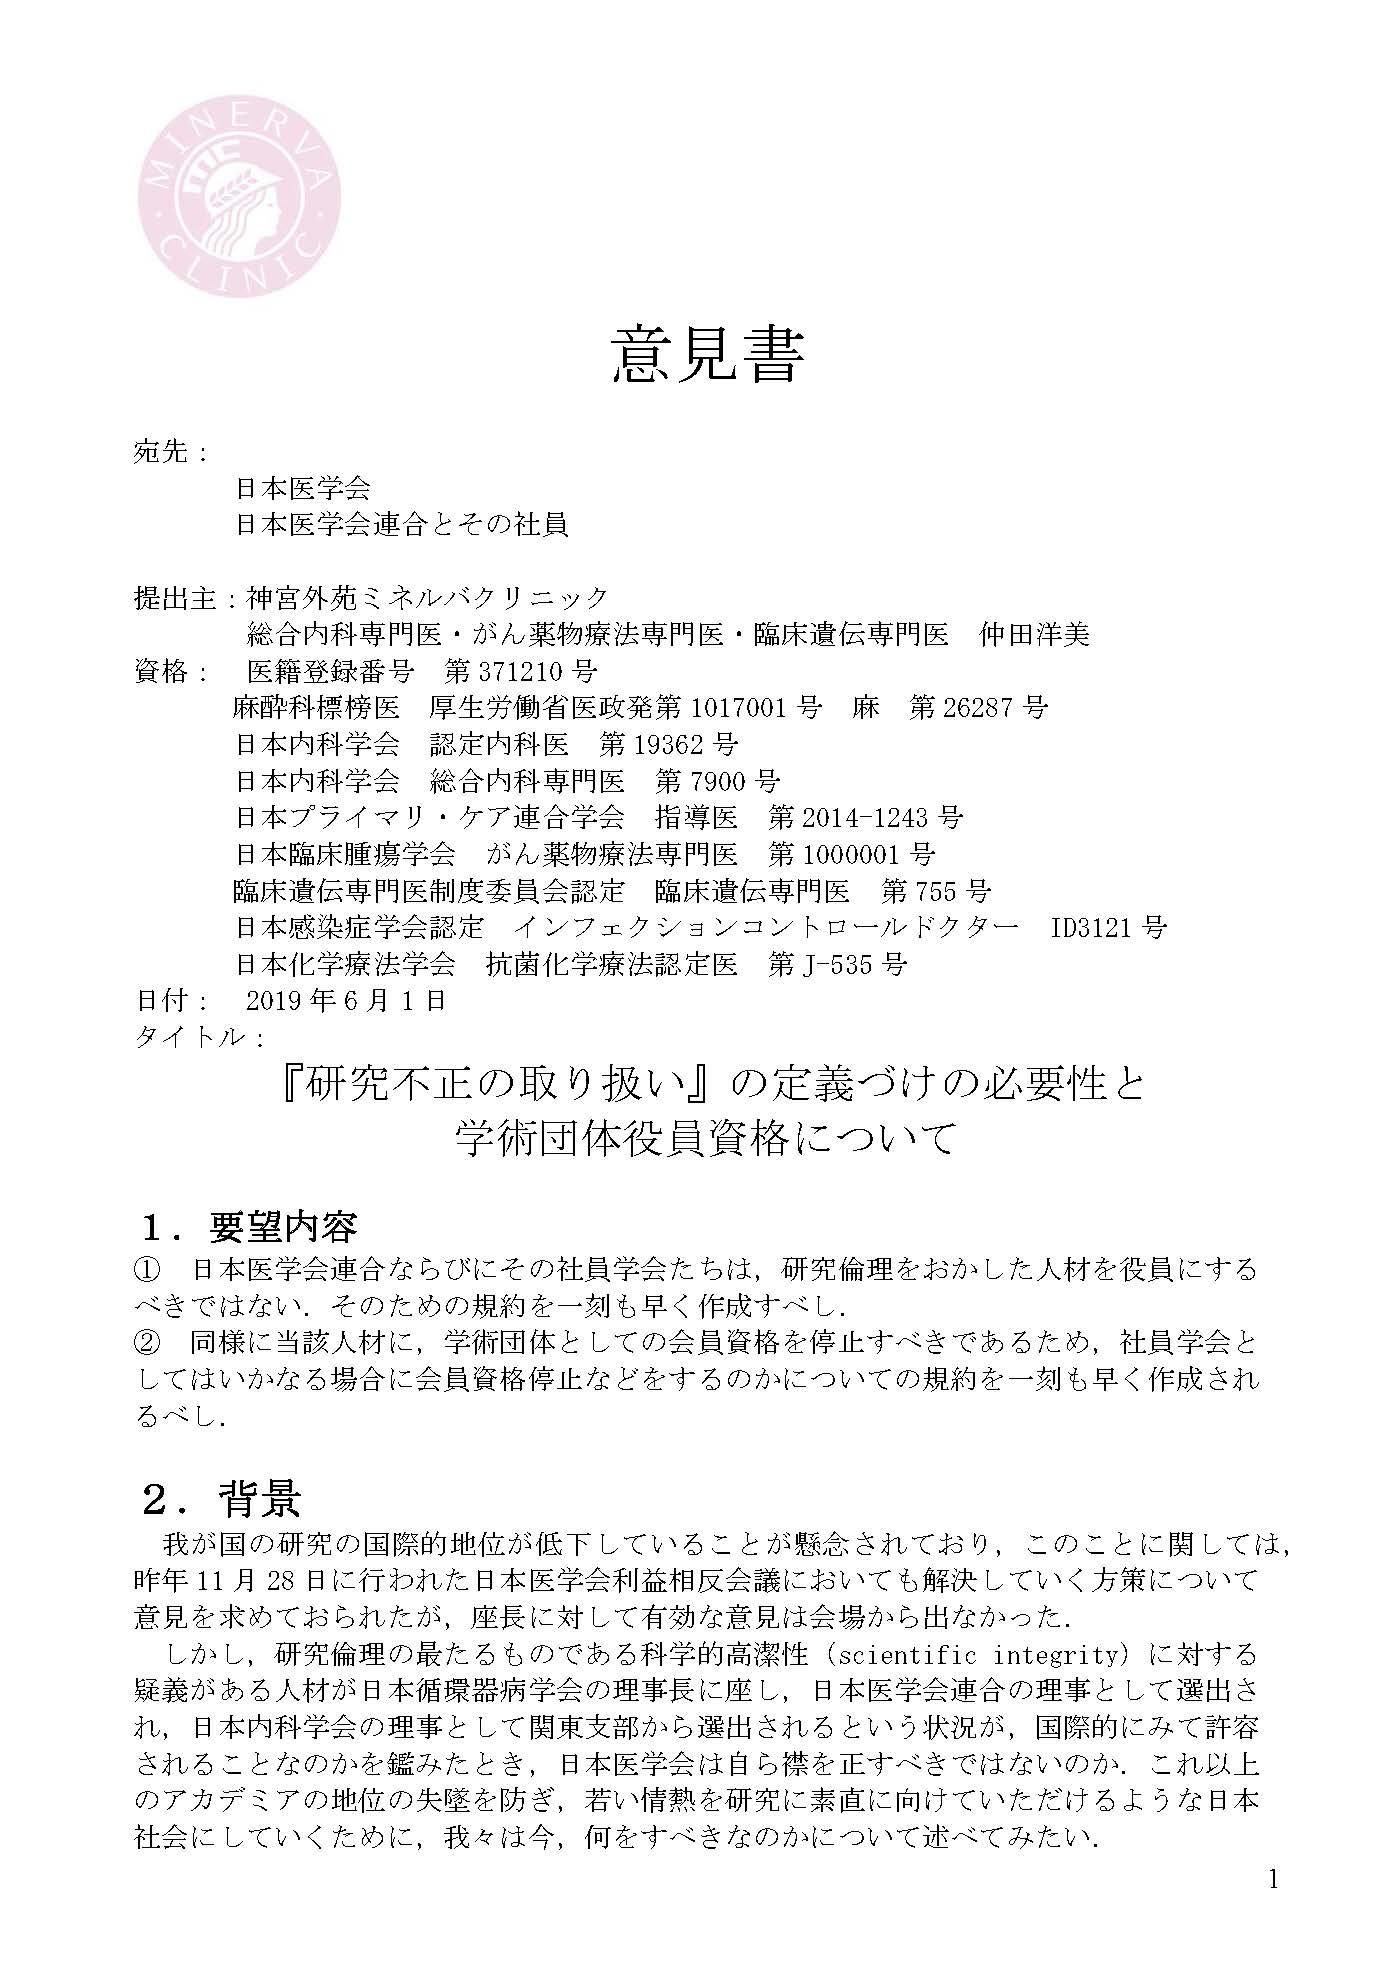 小室問題こっちが正しいバージョン2019060101_ページ_1